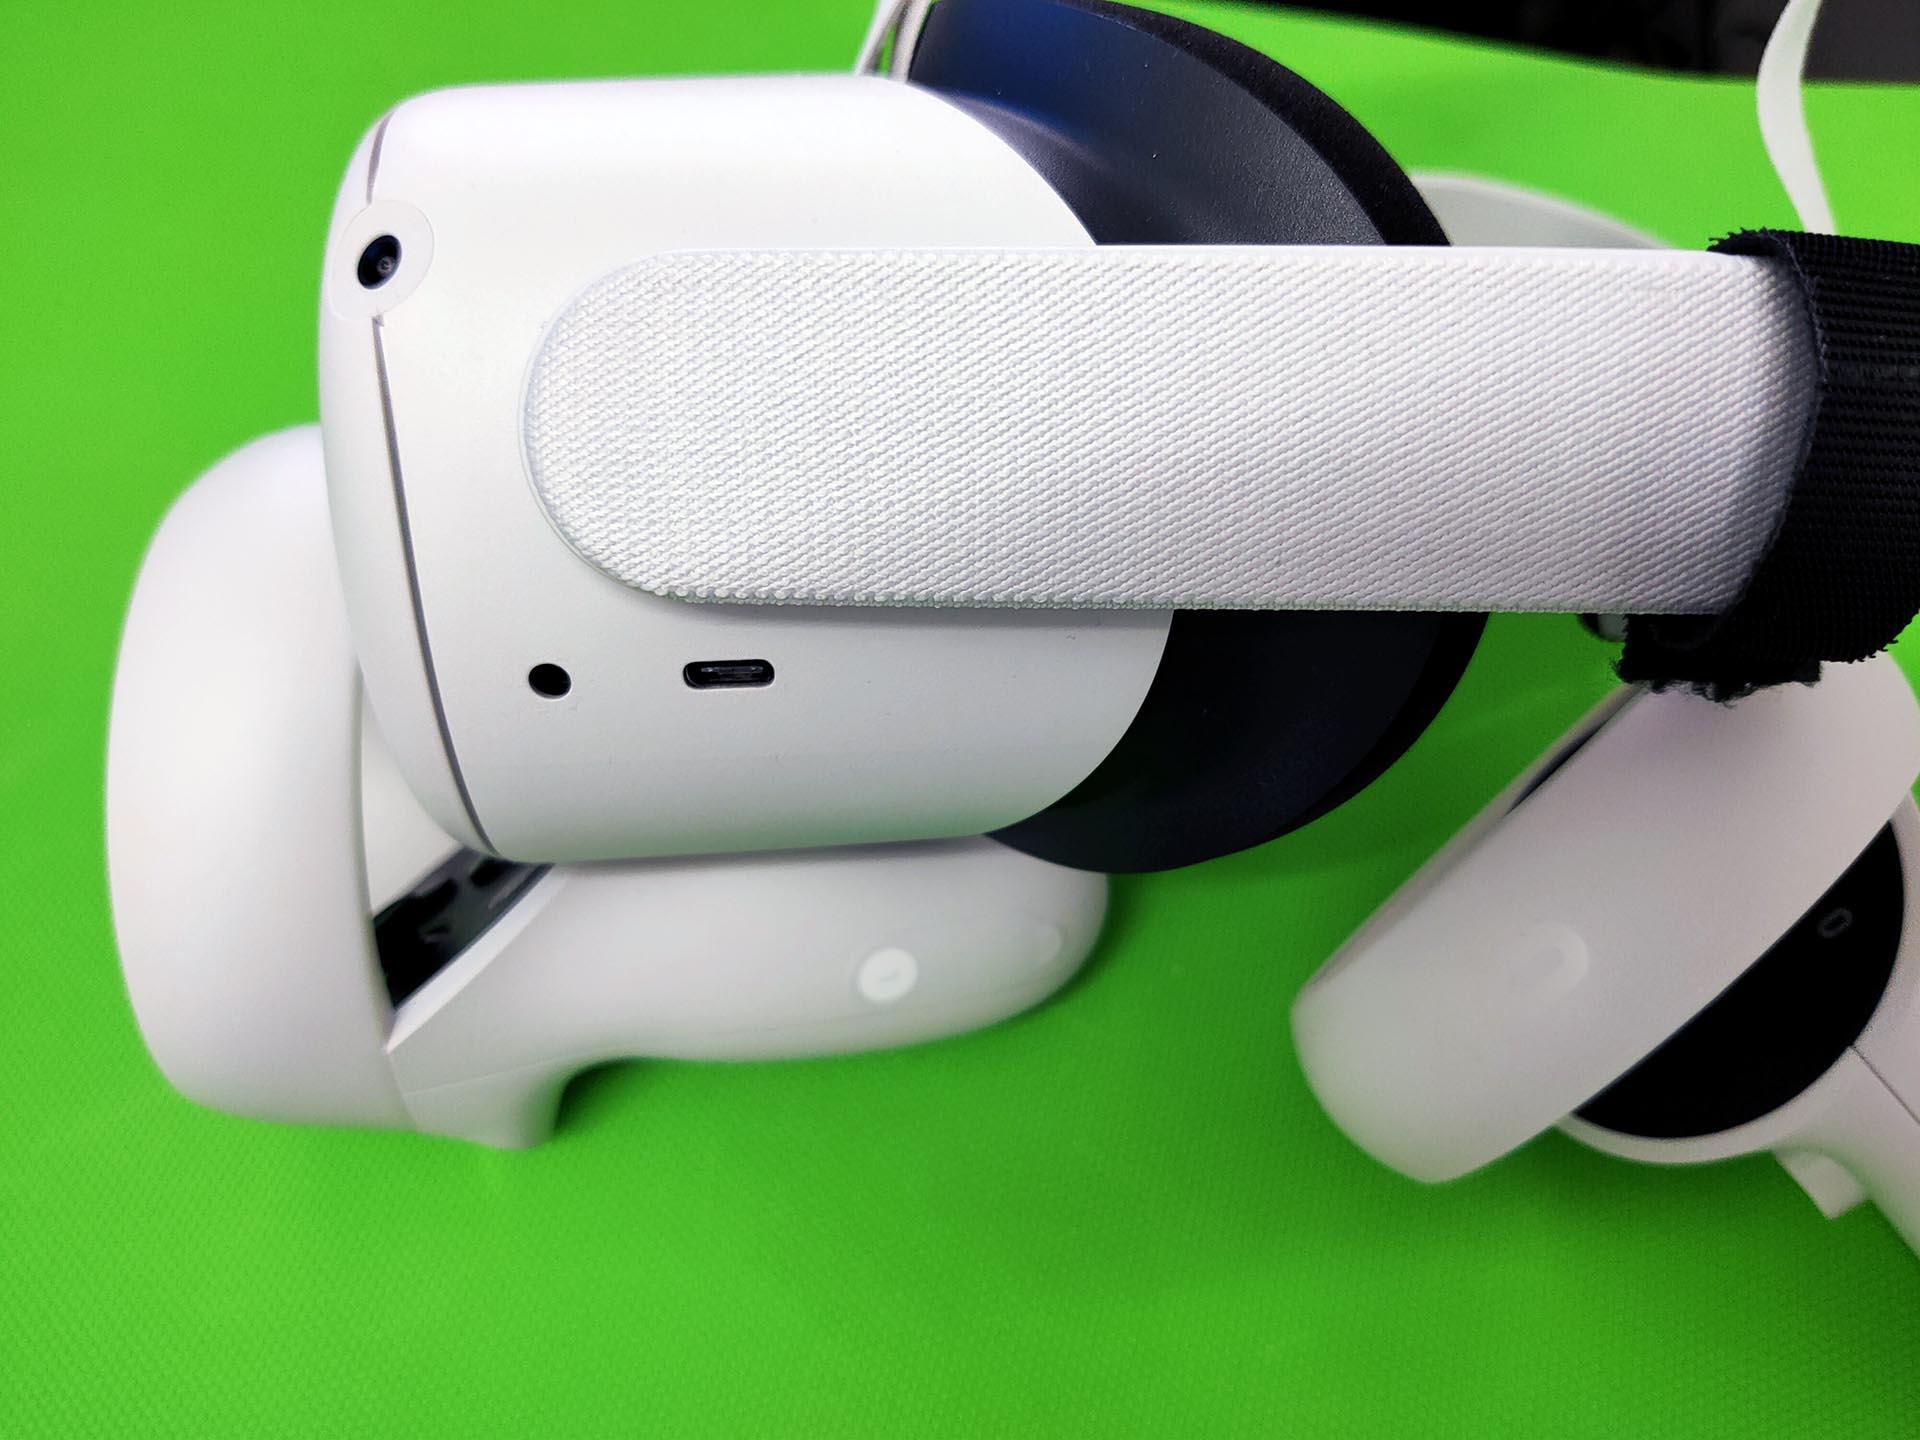 De speakers zitten verstopt achter de aansluiting van de hoofdband.